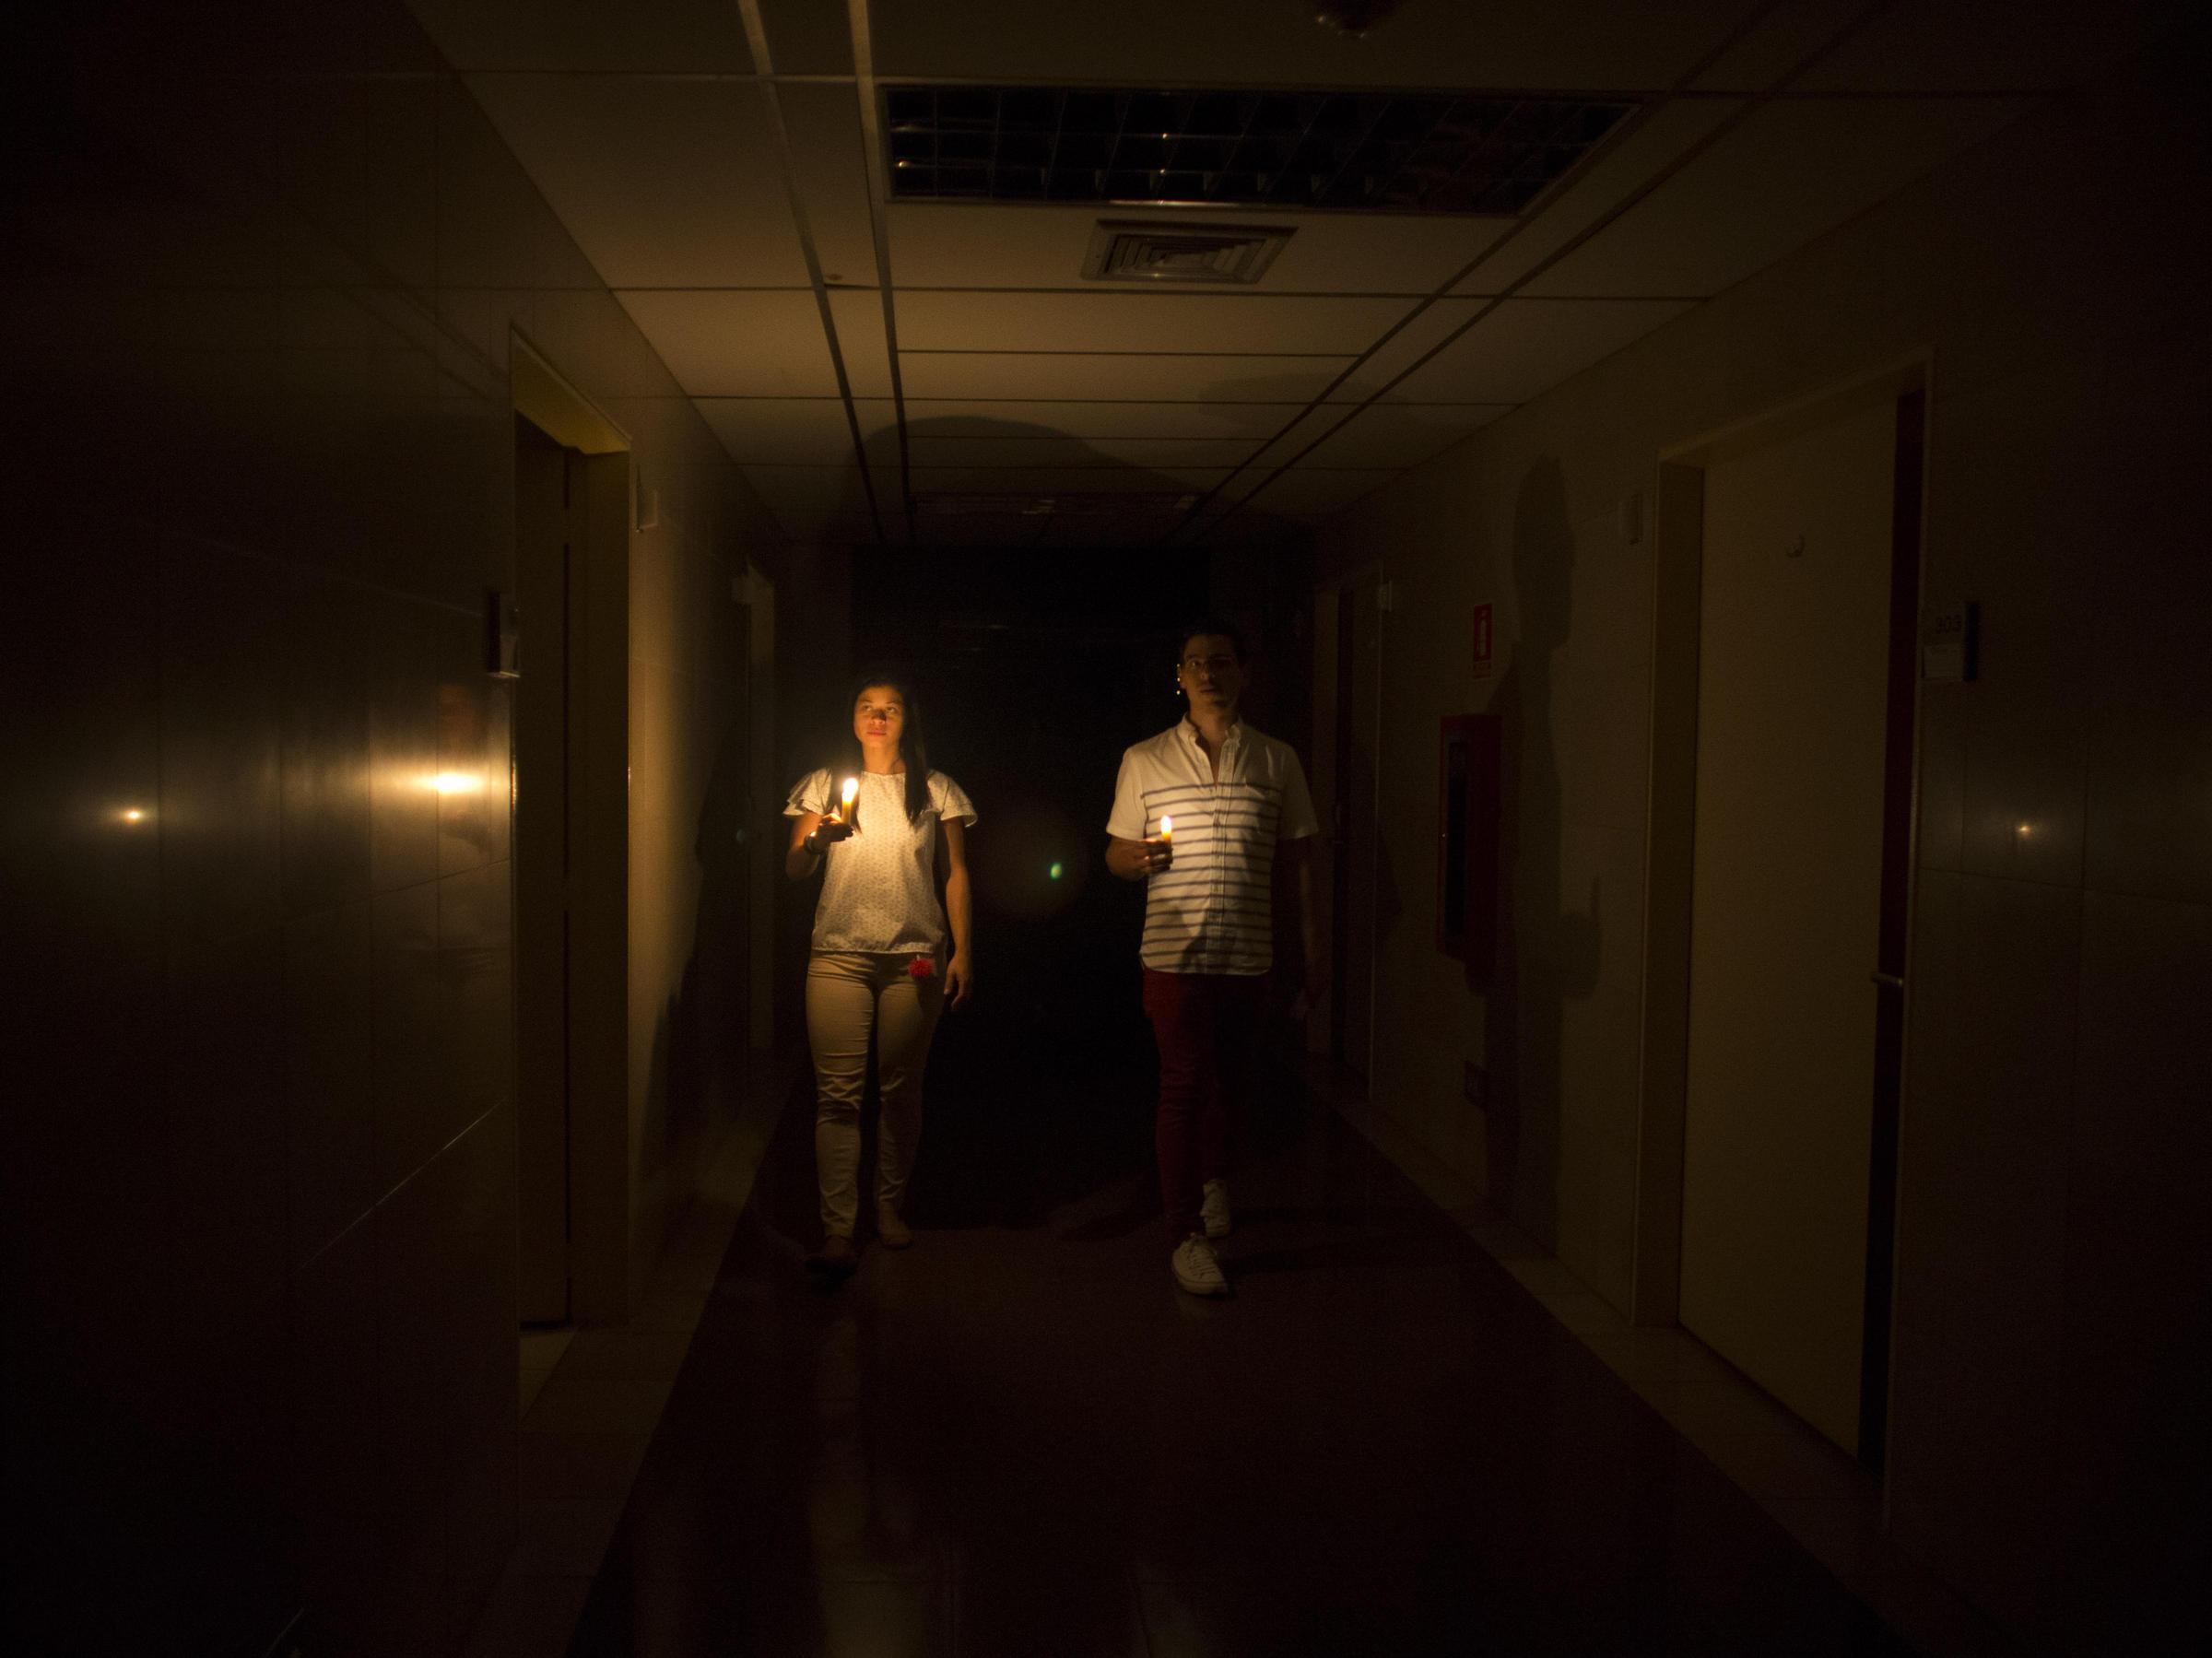 Blackout In Venezuela Leaves Its Leaders Casting Blame In